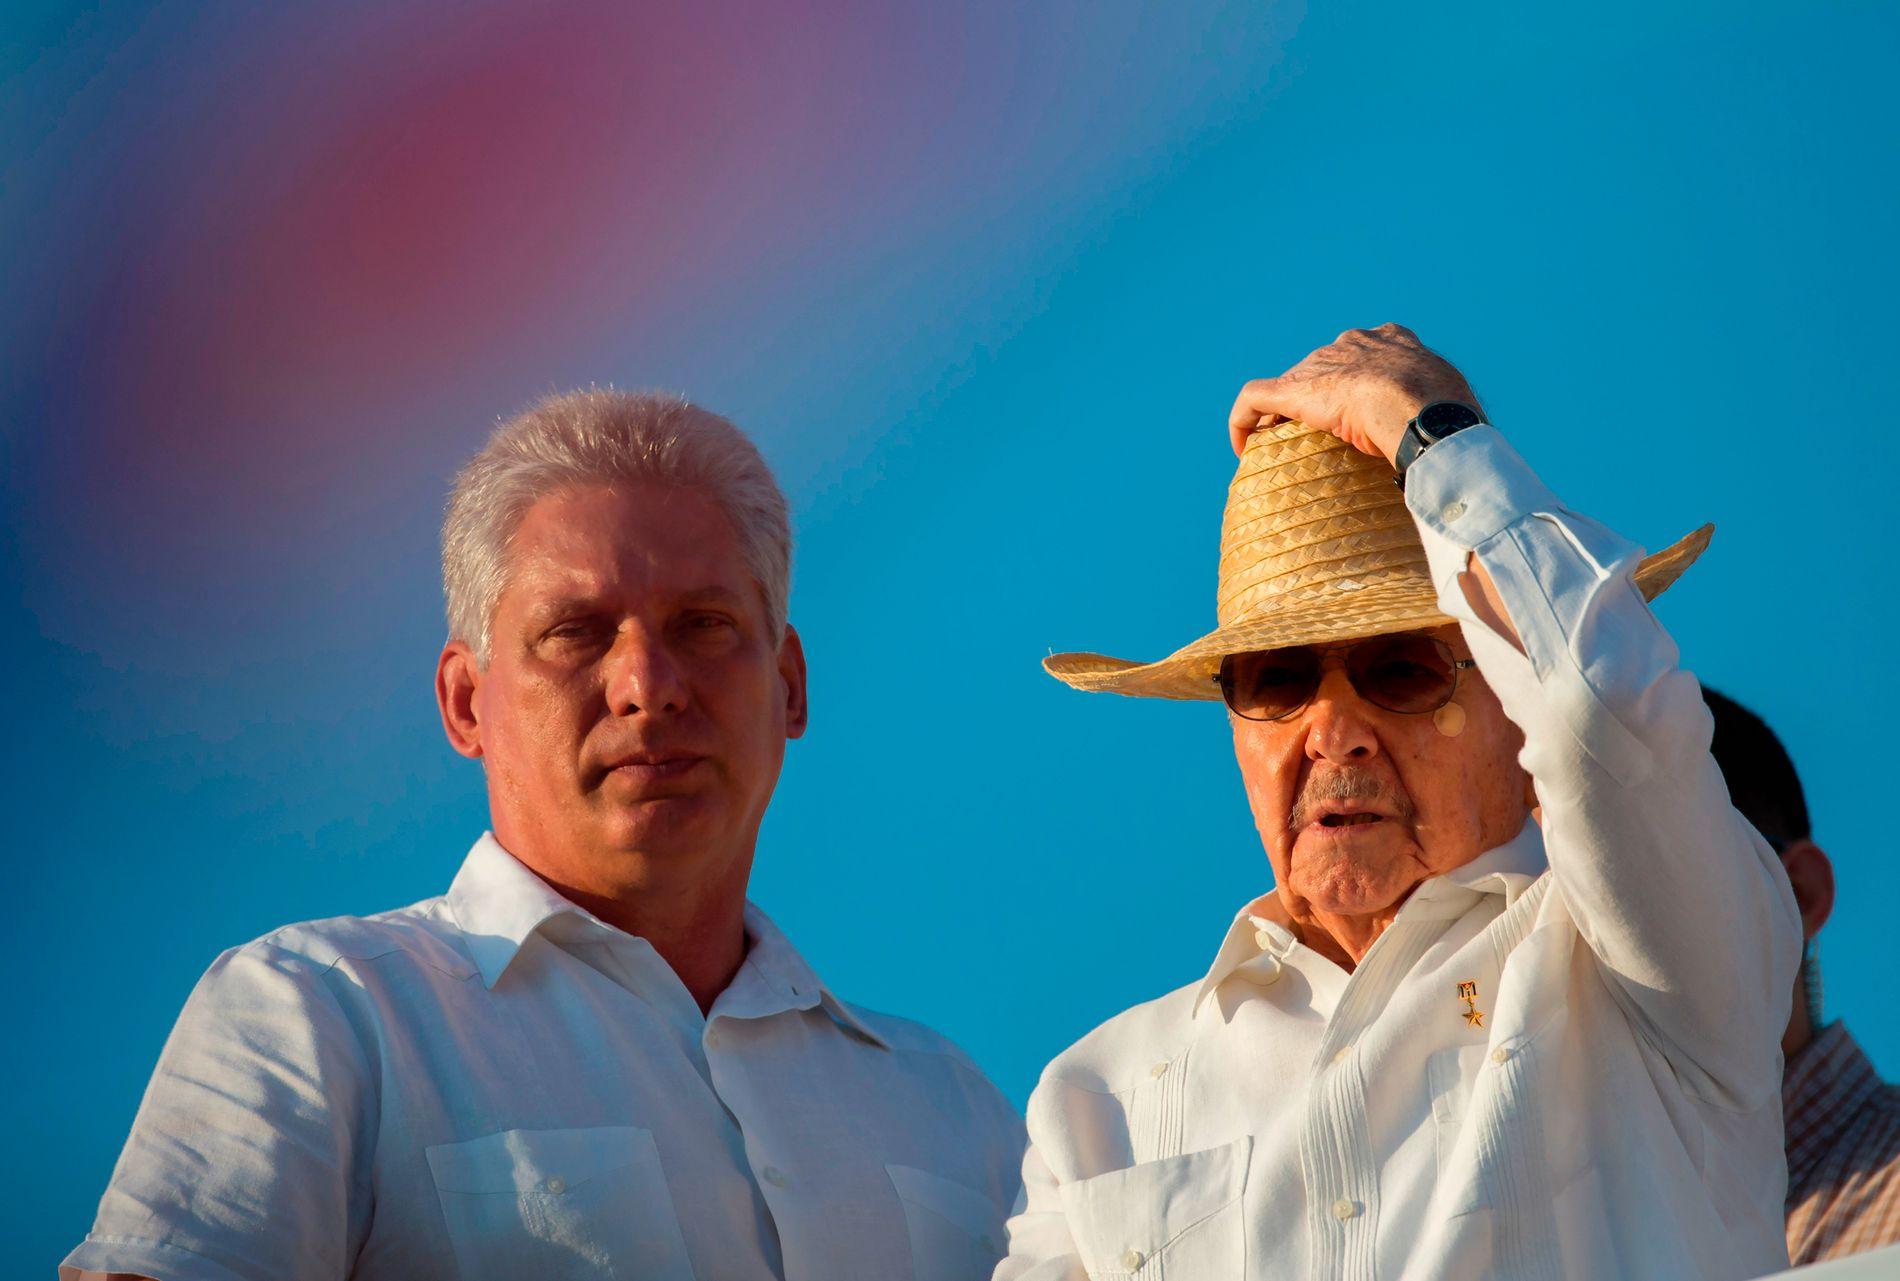 INGEN CASTRO: Visepresident Miguel Diaz-Canel (til venstre) overtar som president etter Raúl Castro. En ny epoke innledes i cubansk politikk, selv om Raúl fortsetter som leder for kommunistpartiet.